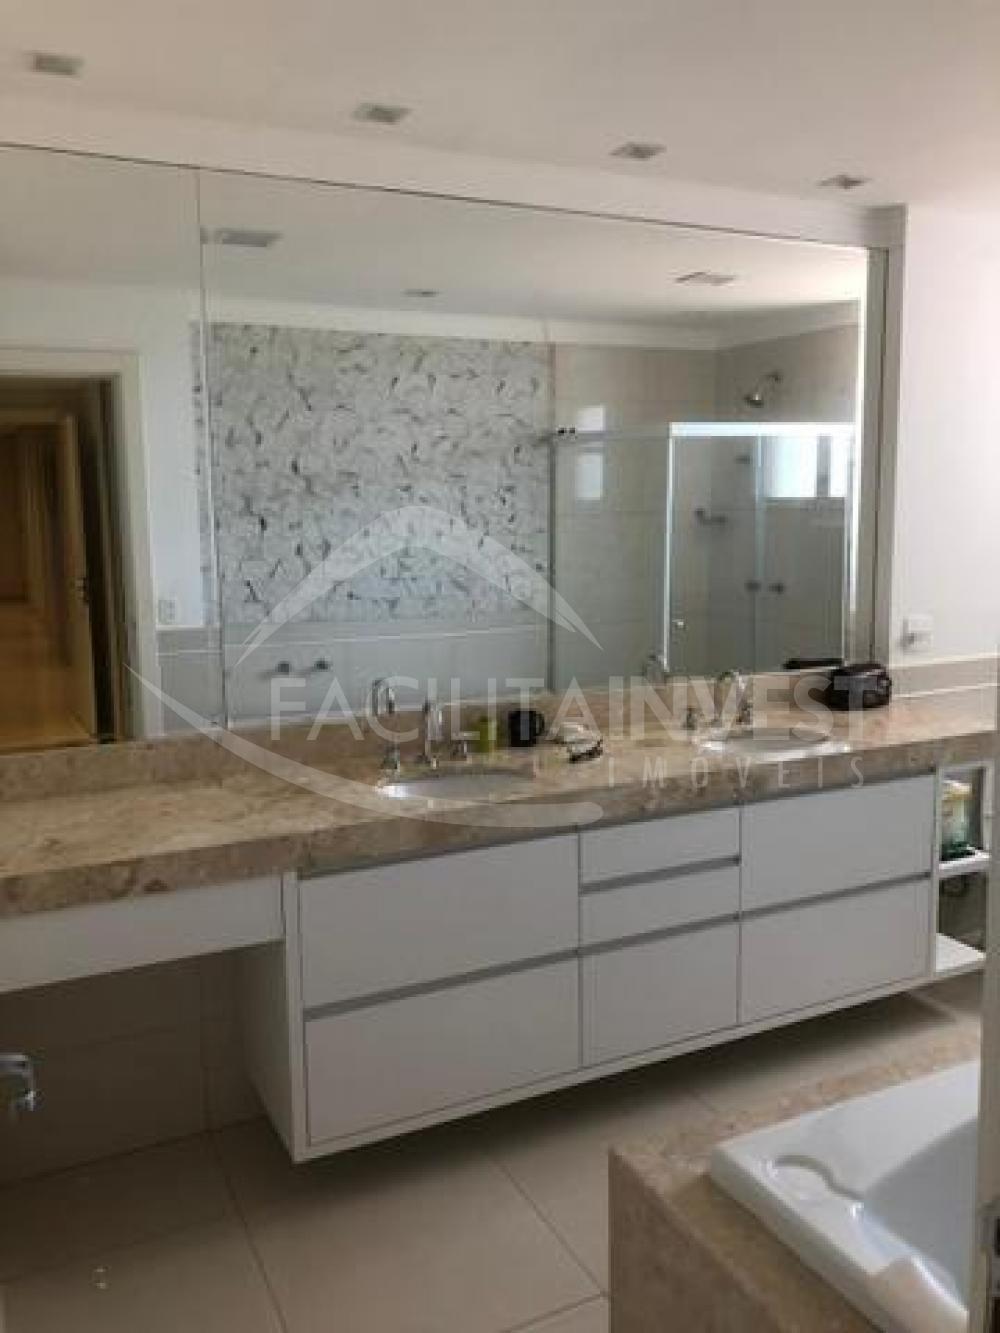 Alugar Apartamentos / Apart. Padrão em Ribeirão Preto apenas R$ 8.000,00 - Foto 9